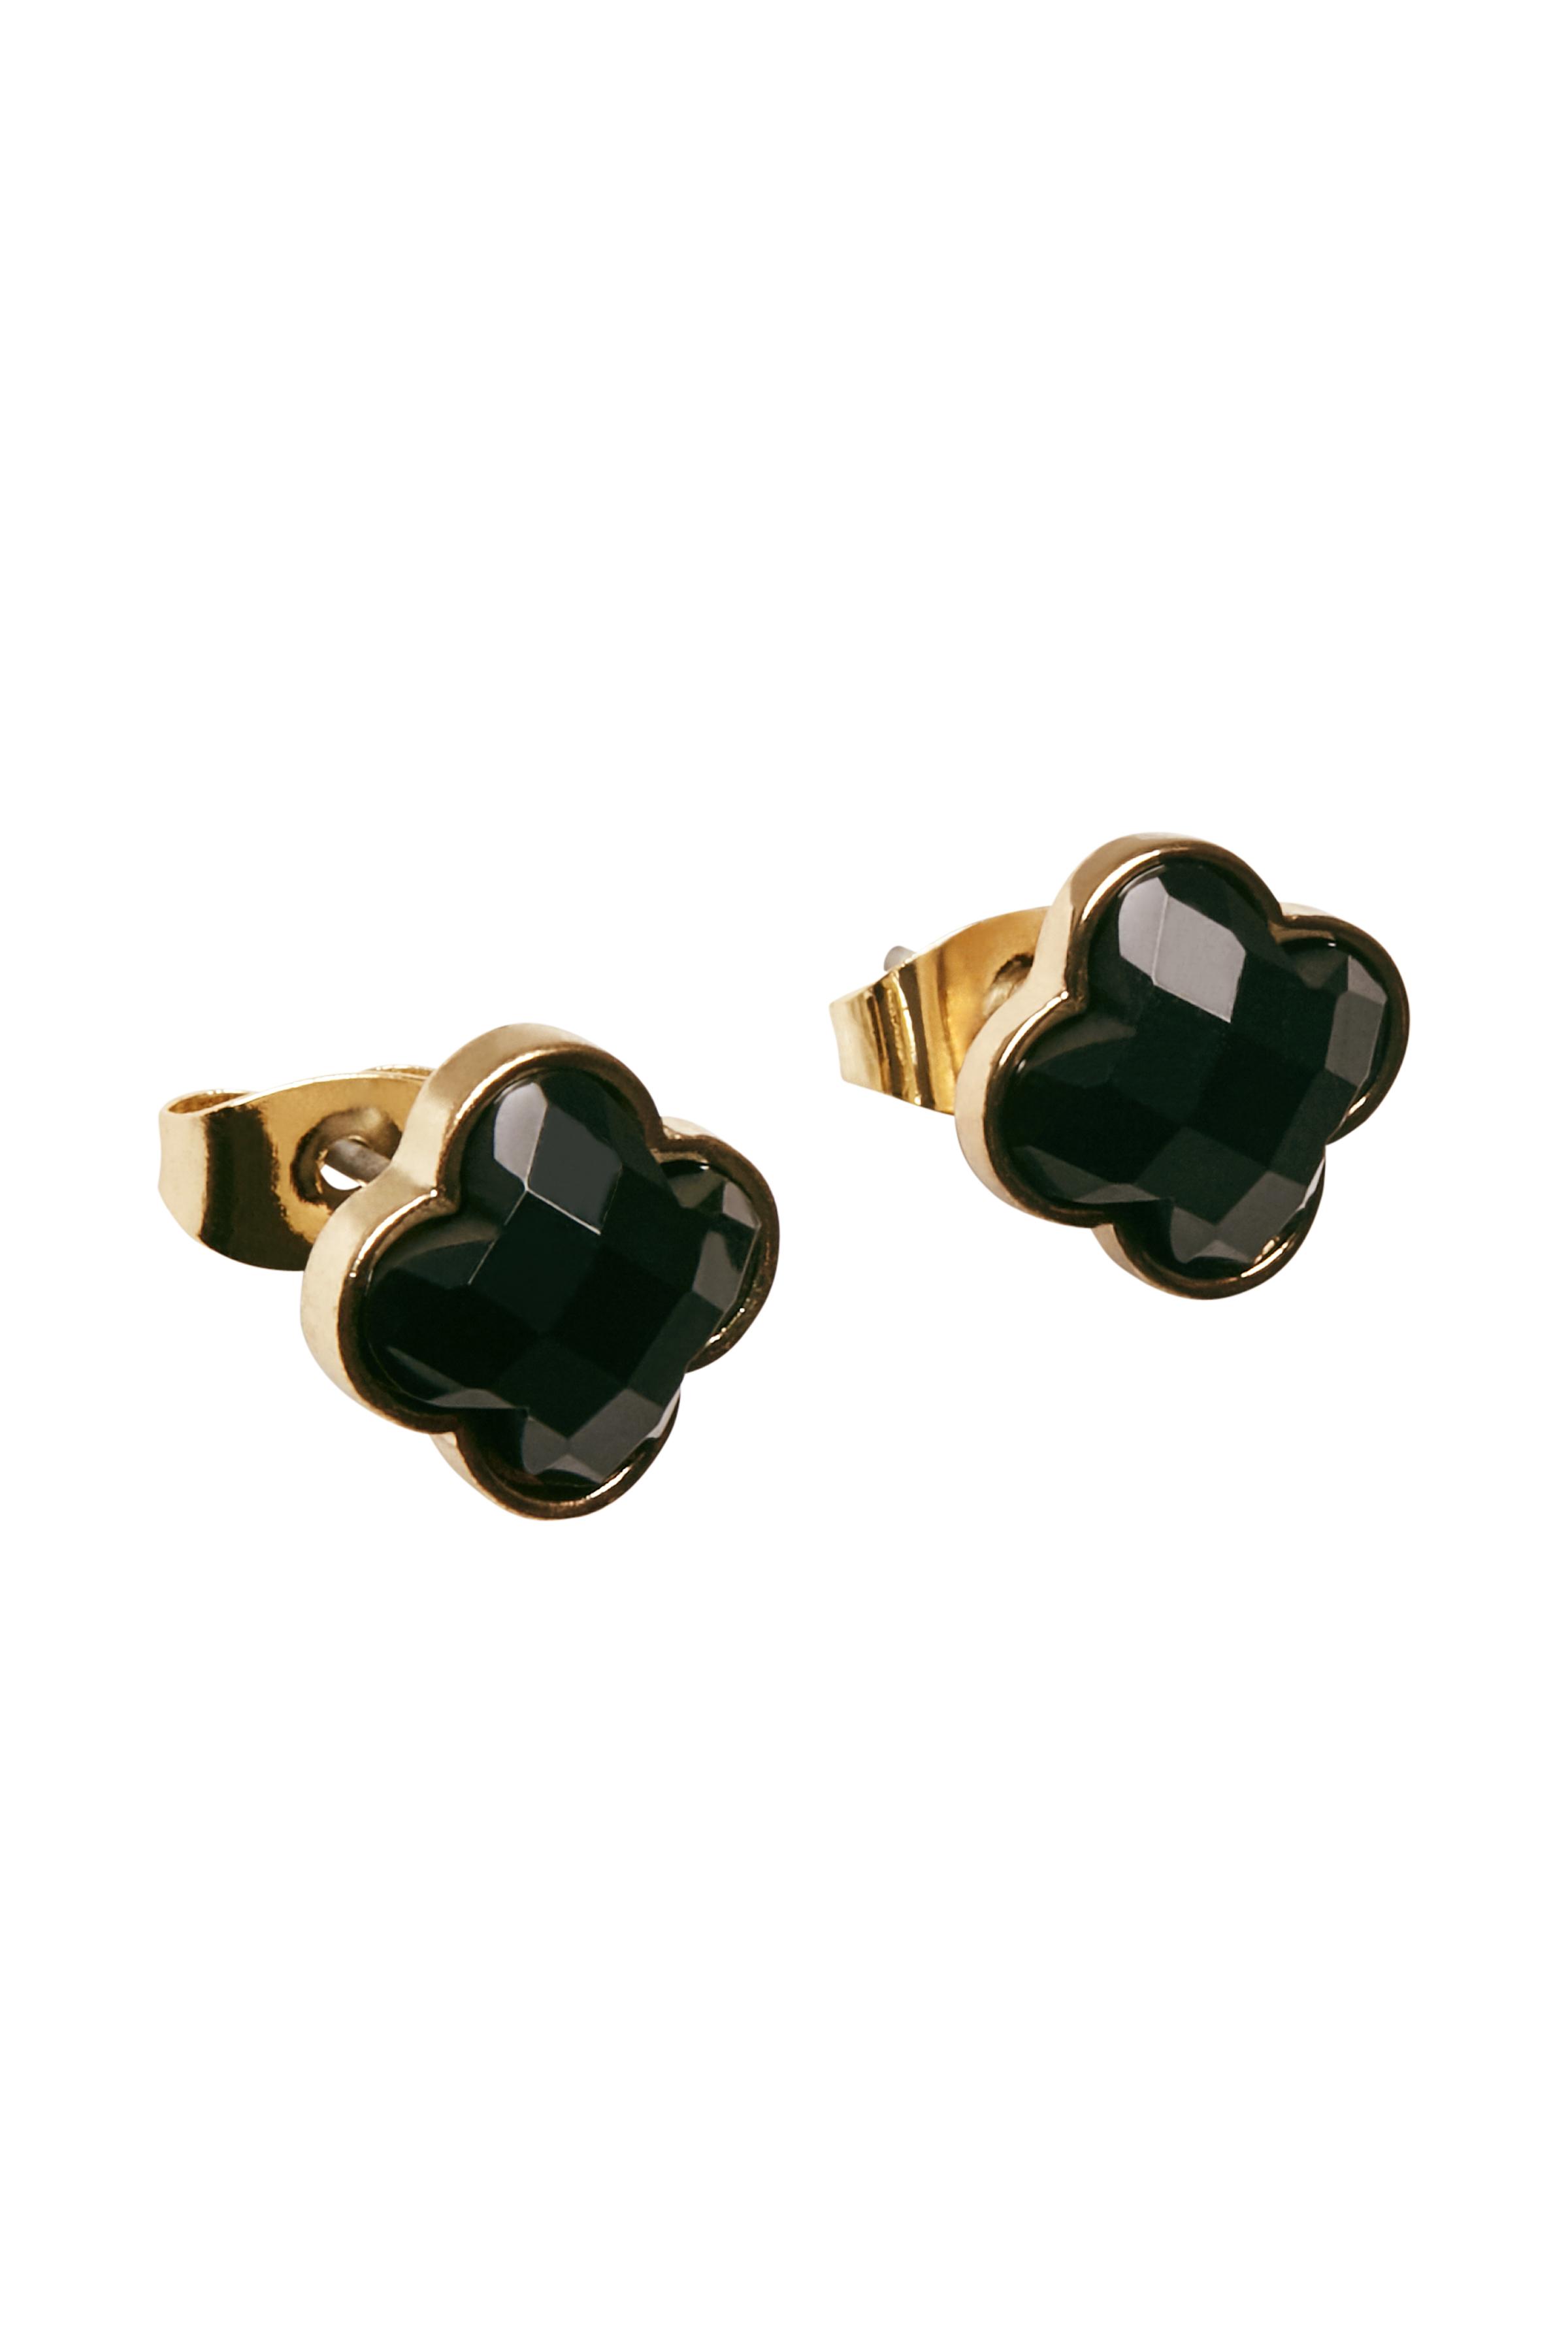 Image of   Fransa Dame Fransa ørestikkere med perle. Mål: 0,5 cm bred. - Guld